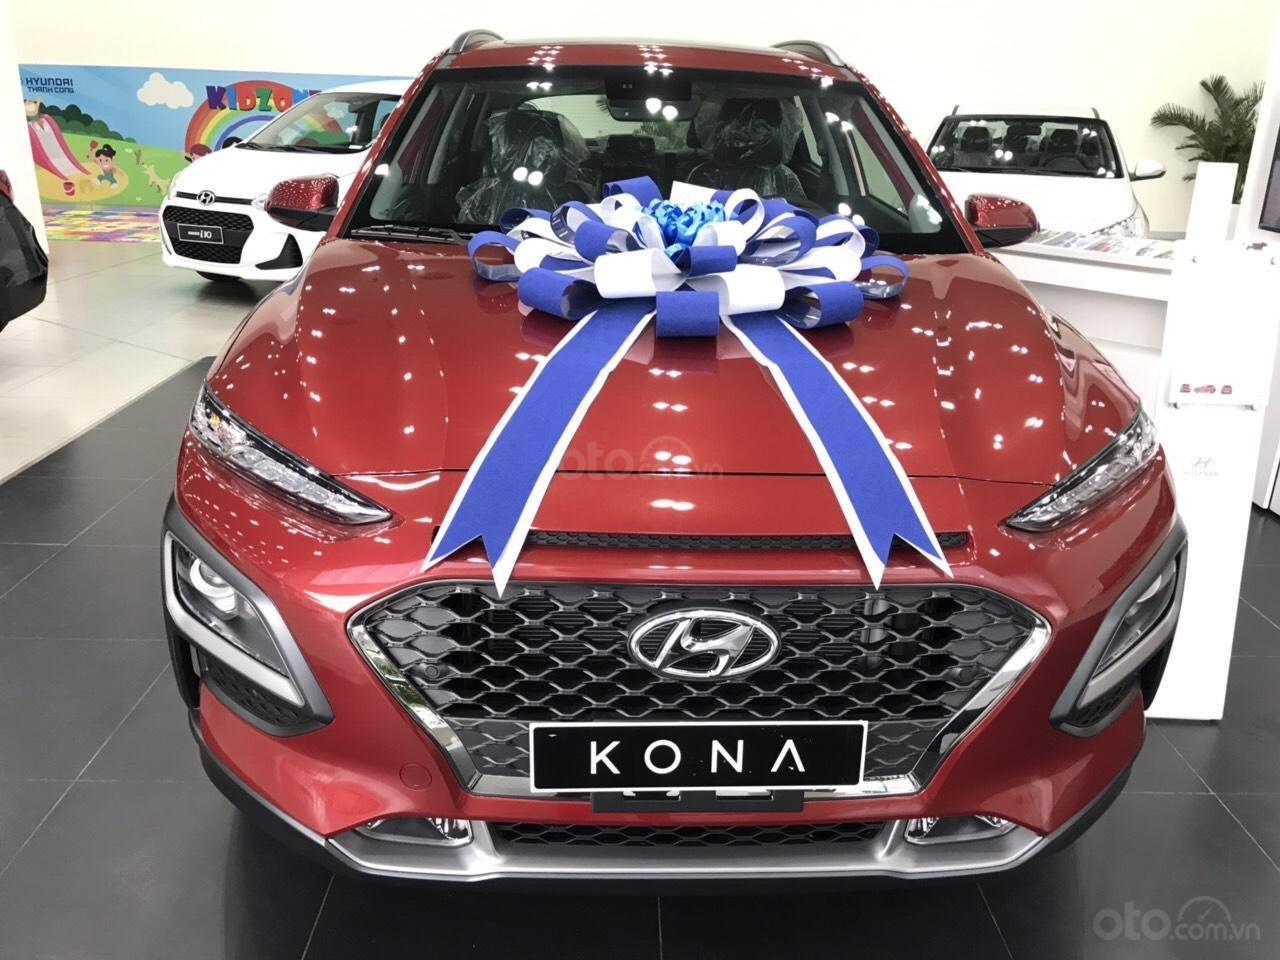 Hyundai An Phú bán Hyundai Kona giá tốt, hỗ trợ trả góp lãi suất ưu đãi, liên hệ Mr Nghĩa 0902870848 để được hỗ trợ (1)